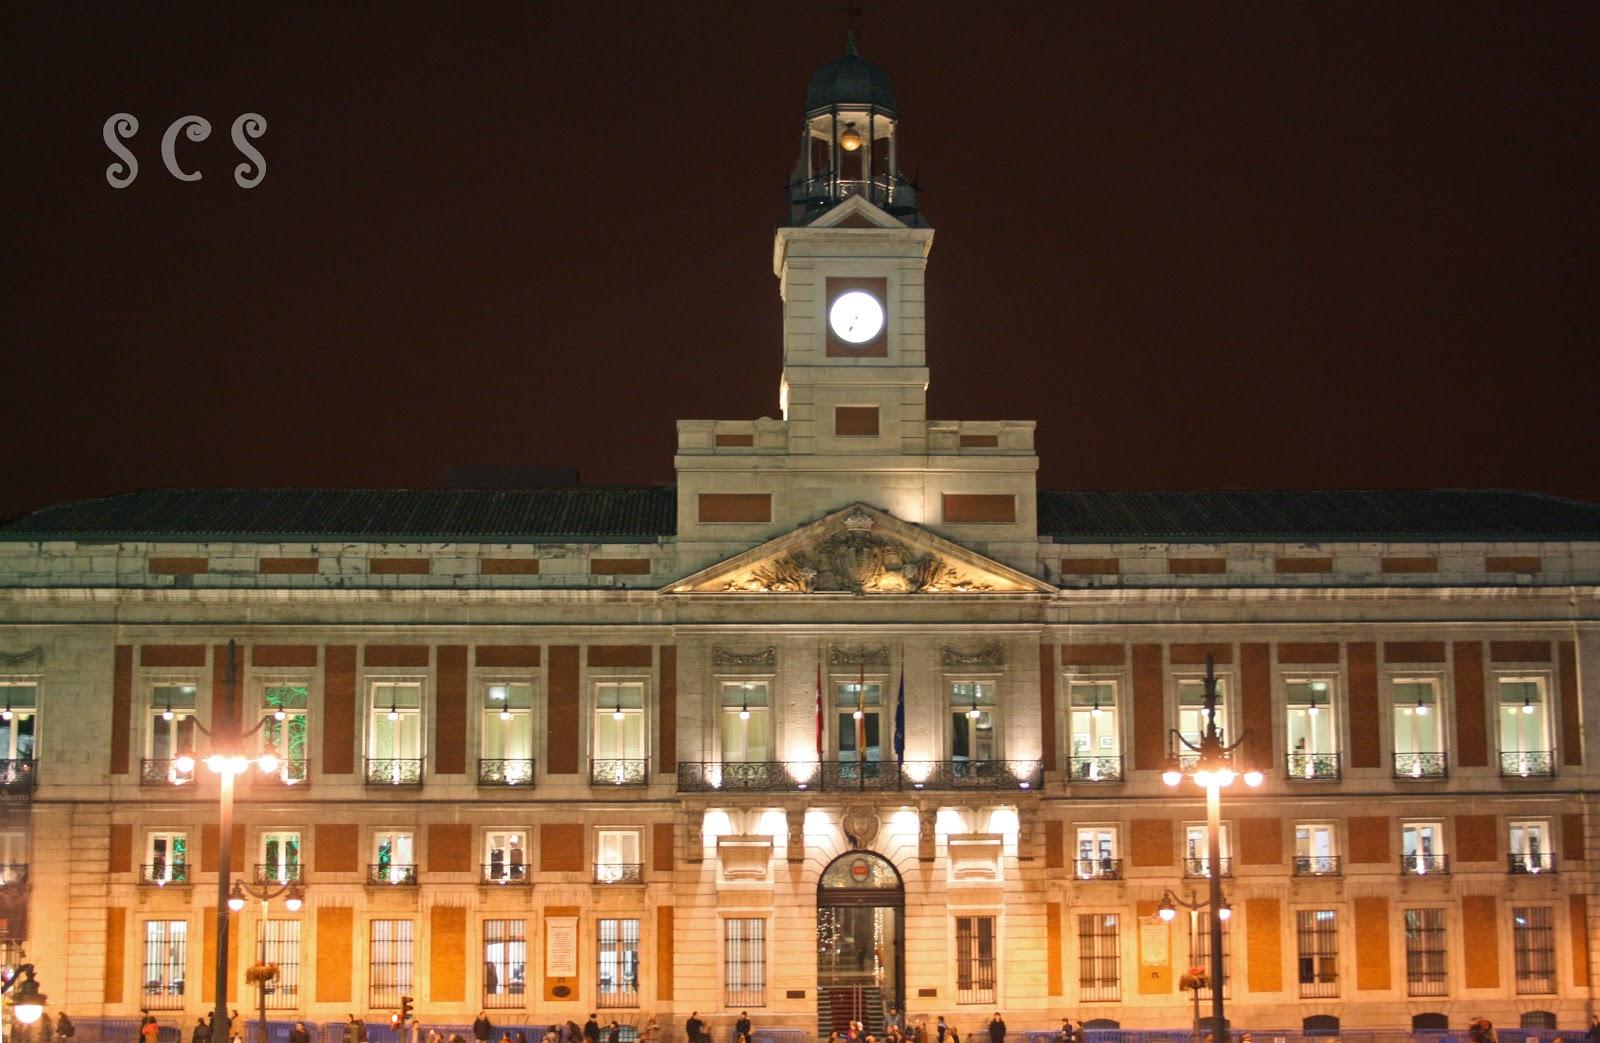 Puerta del sol madrid for La real casa de correos